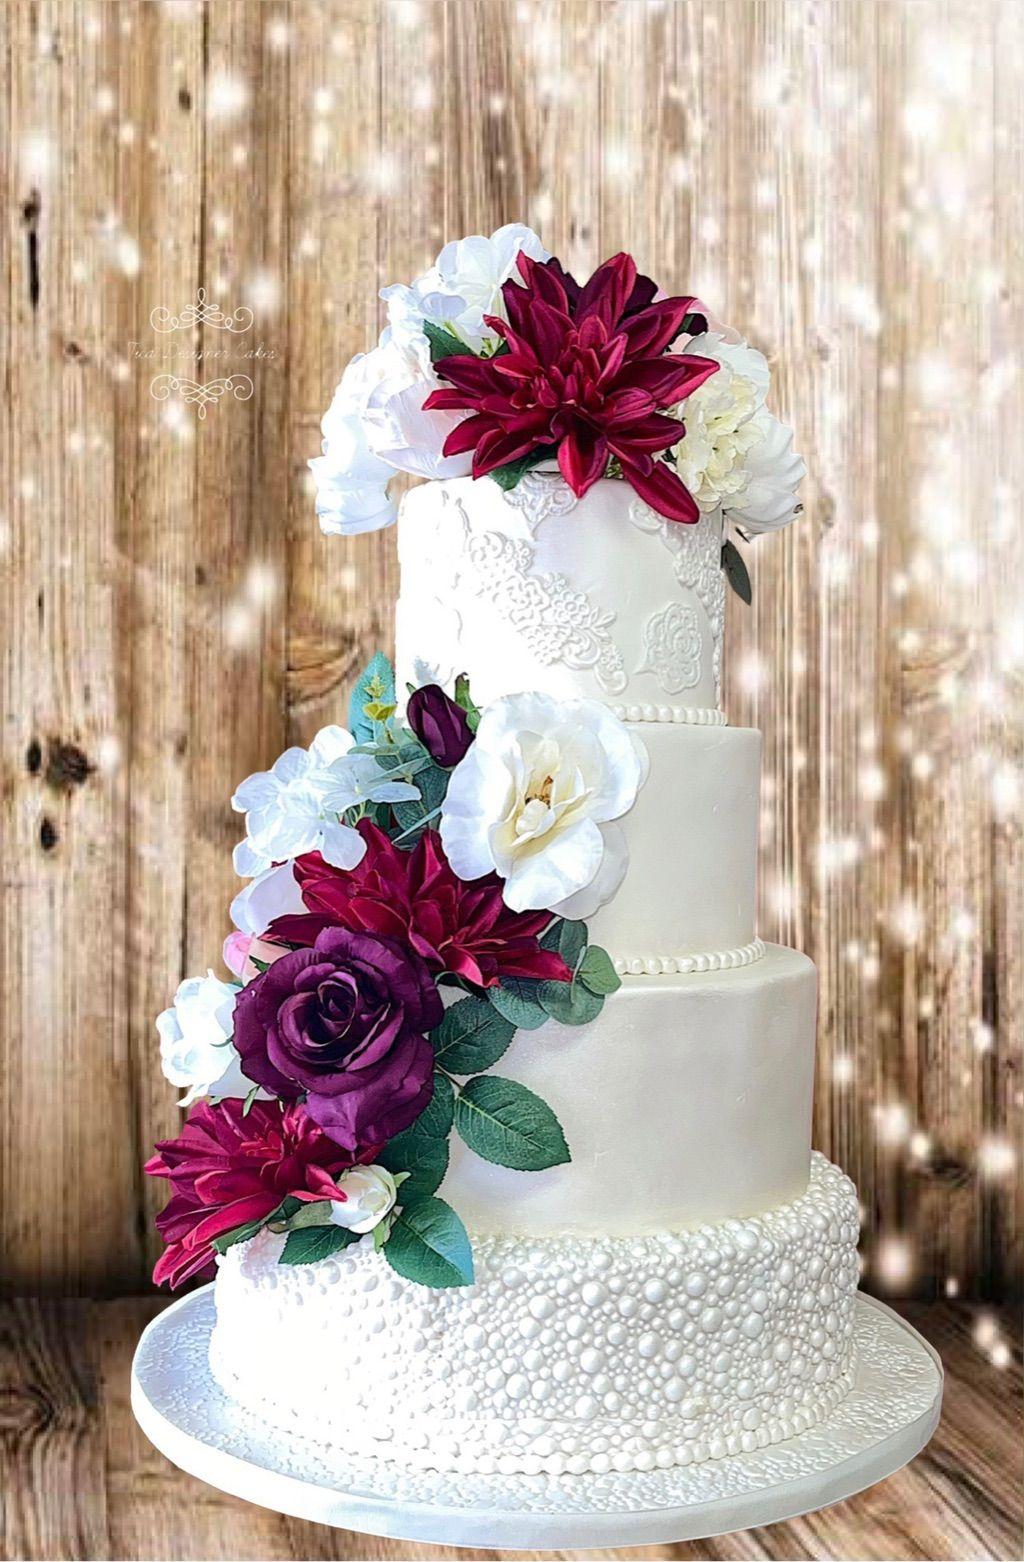 Tica Designer Cakes LLC